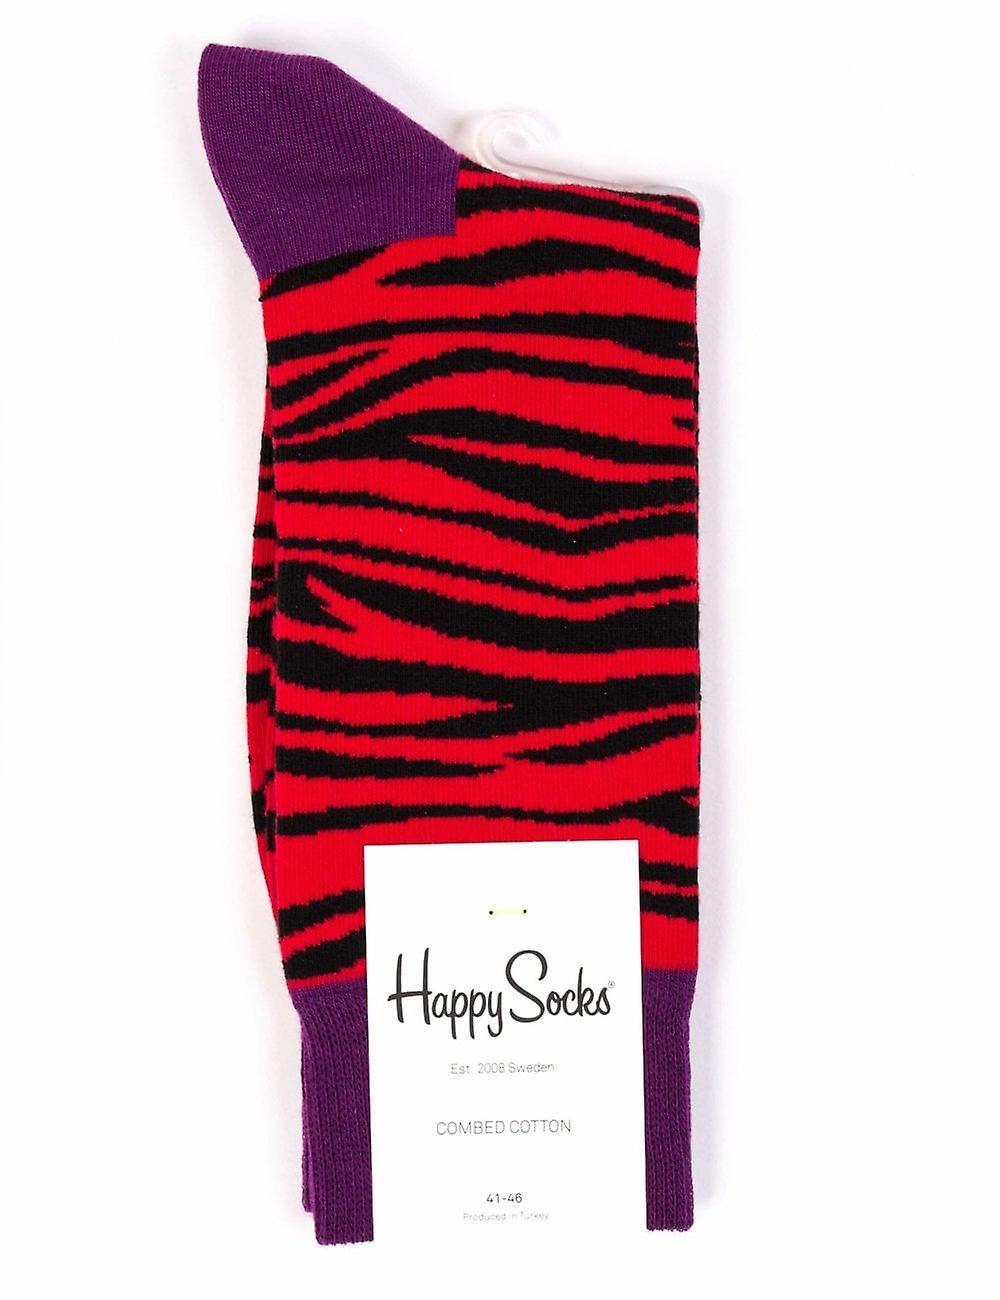 happy socks återförsäljare